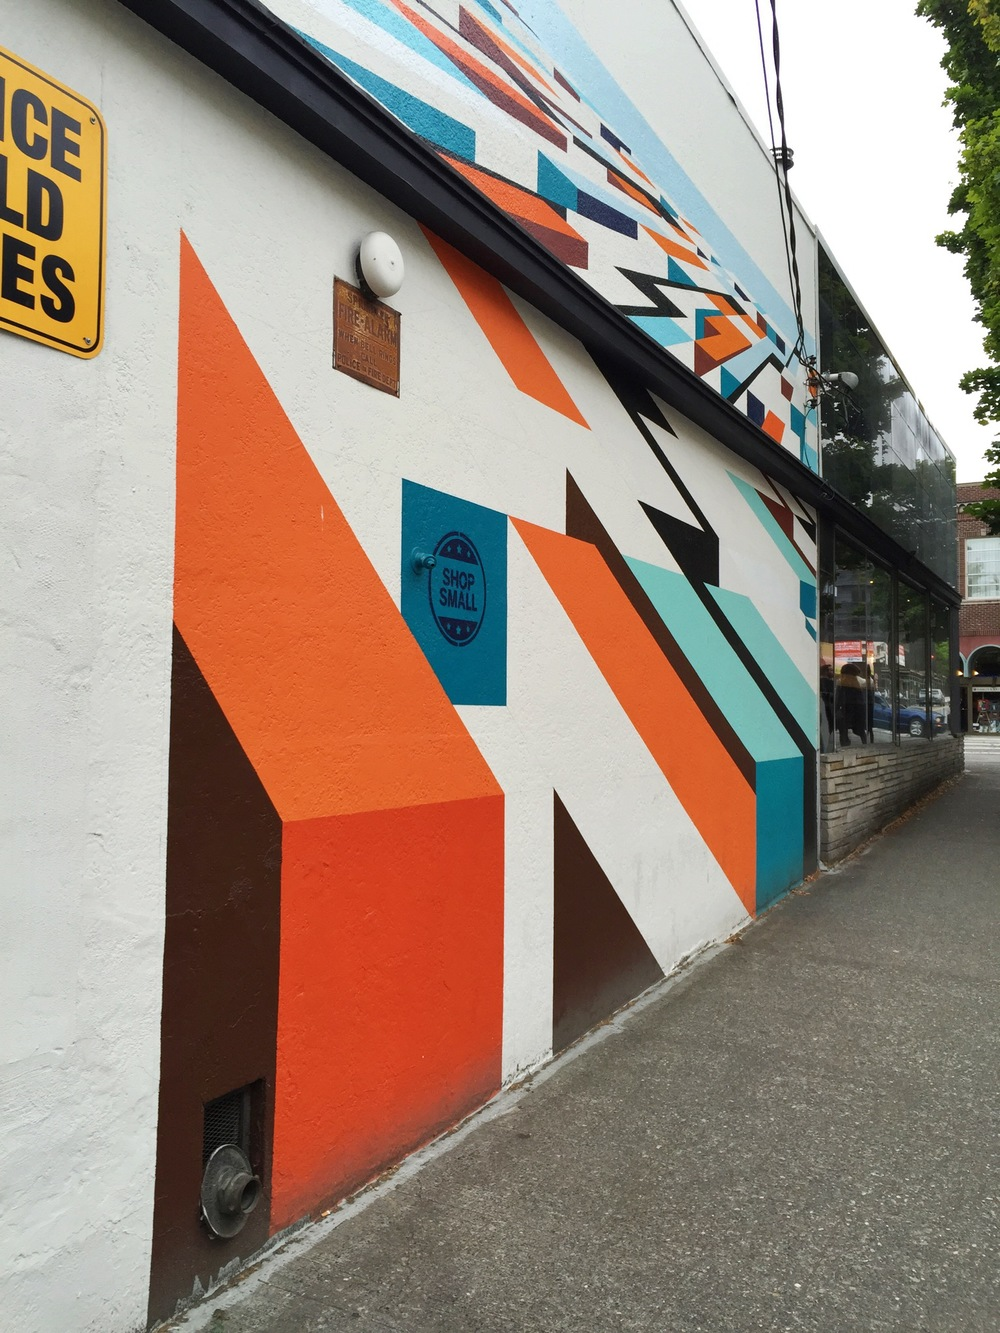 Mural in Ballard